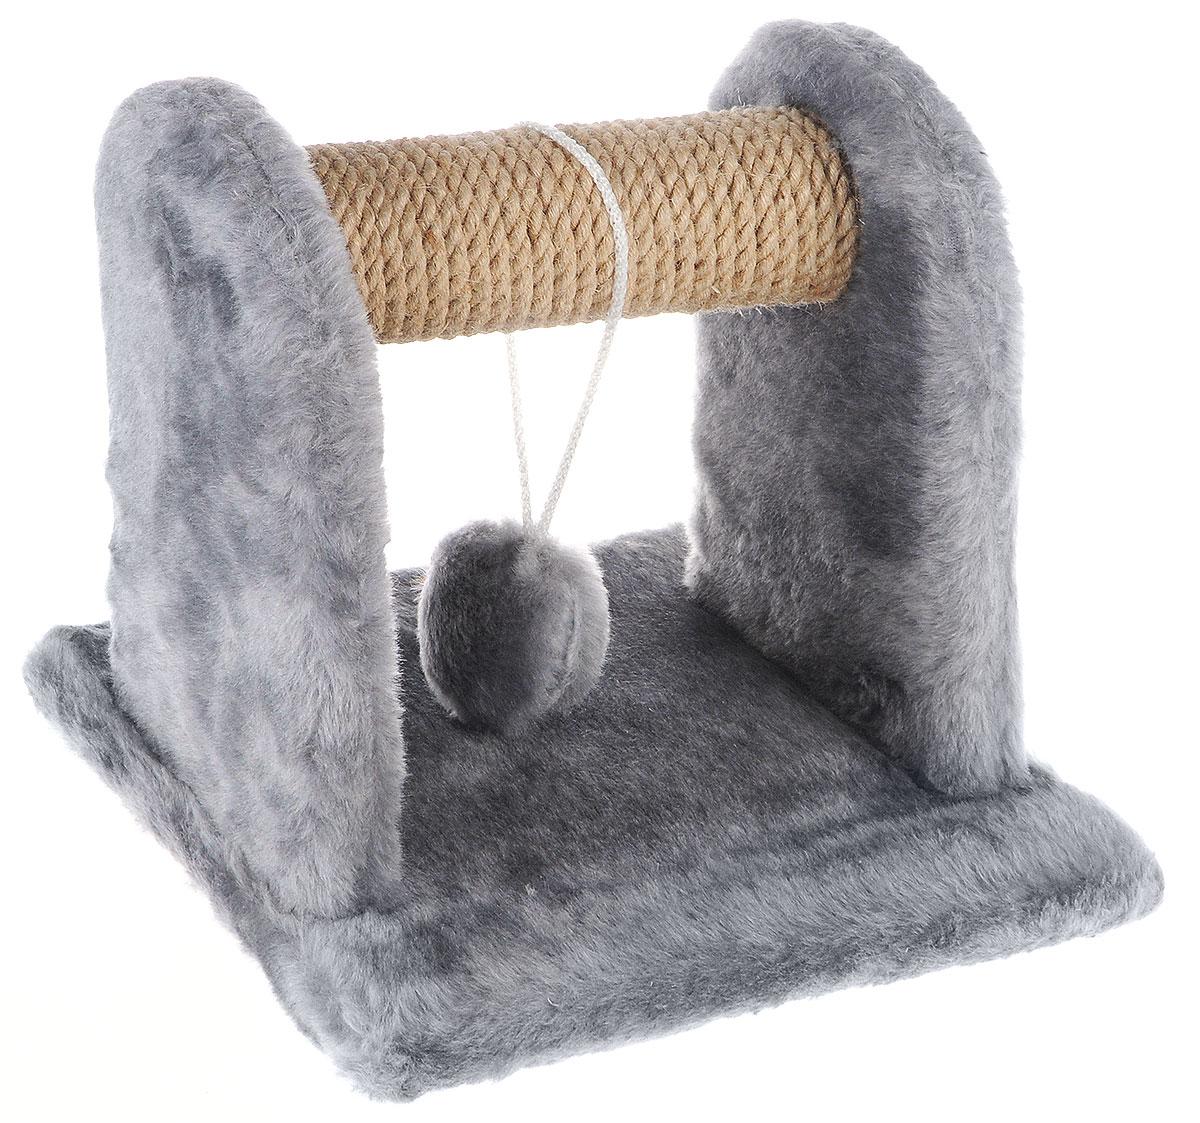 Когтеточка для котят Меридиан, с игрушкой, цвет: светло-серый, бежевый, 26 х 26 х 26 см0120710Когтеточка Меридиан предназначена для стачивания когтей вашего котенка и предотвращения их врастания. Она выполнена из ДВП, ДСП и обтянута искусственным мехом. Точатся когти о накладку из джута. Когтеточка оснащена подвесной игрушкой, привлекающей внимание котенка.Когтеточка позволяет сохранить неповрежденными мебель и другие предметы интерьера.